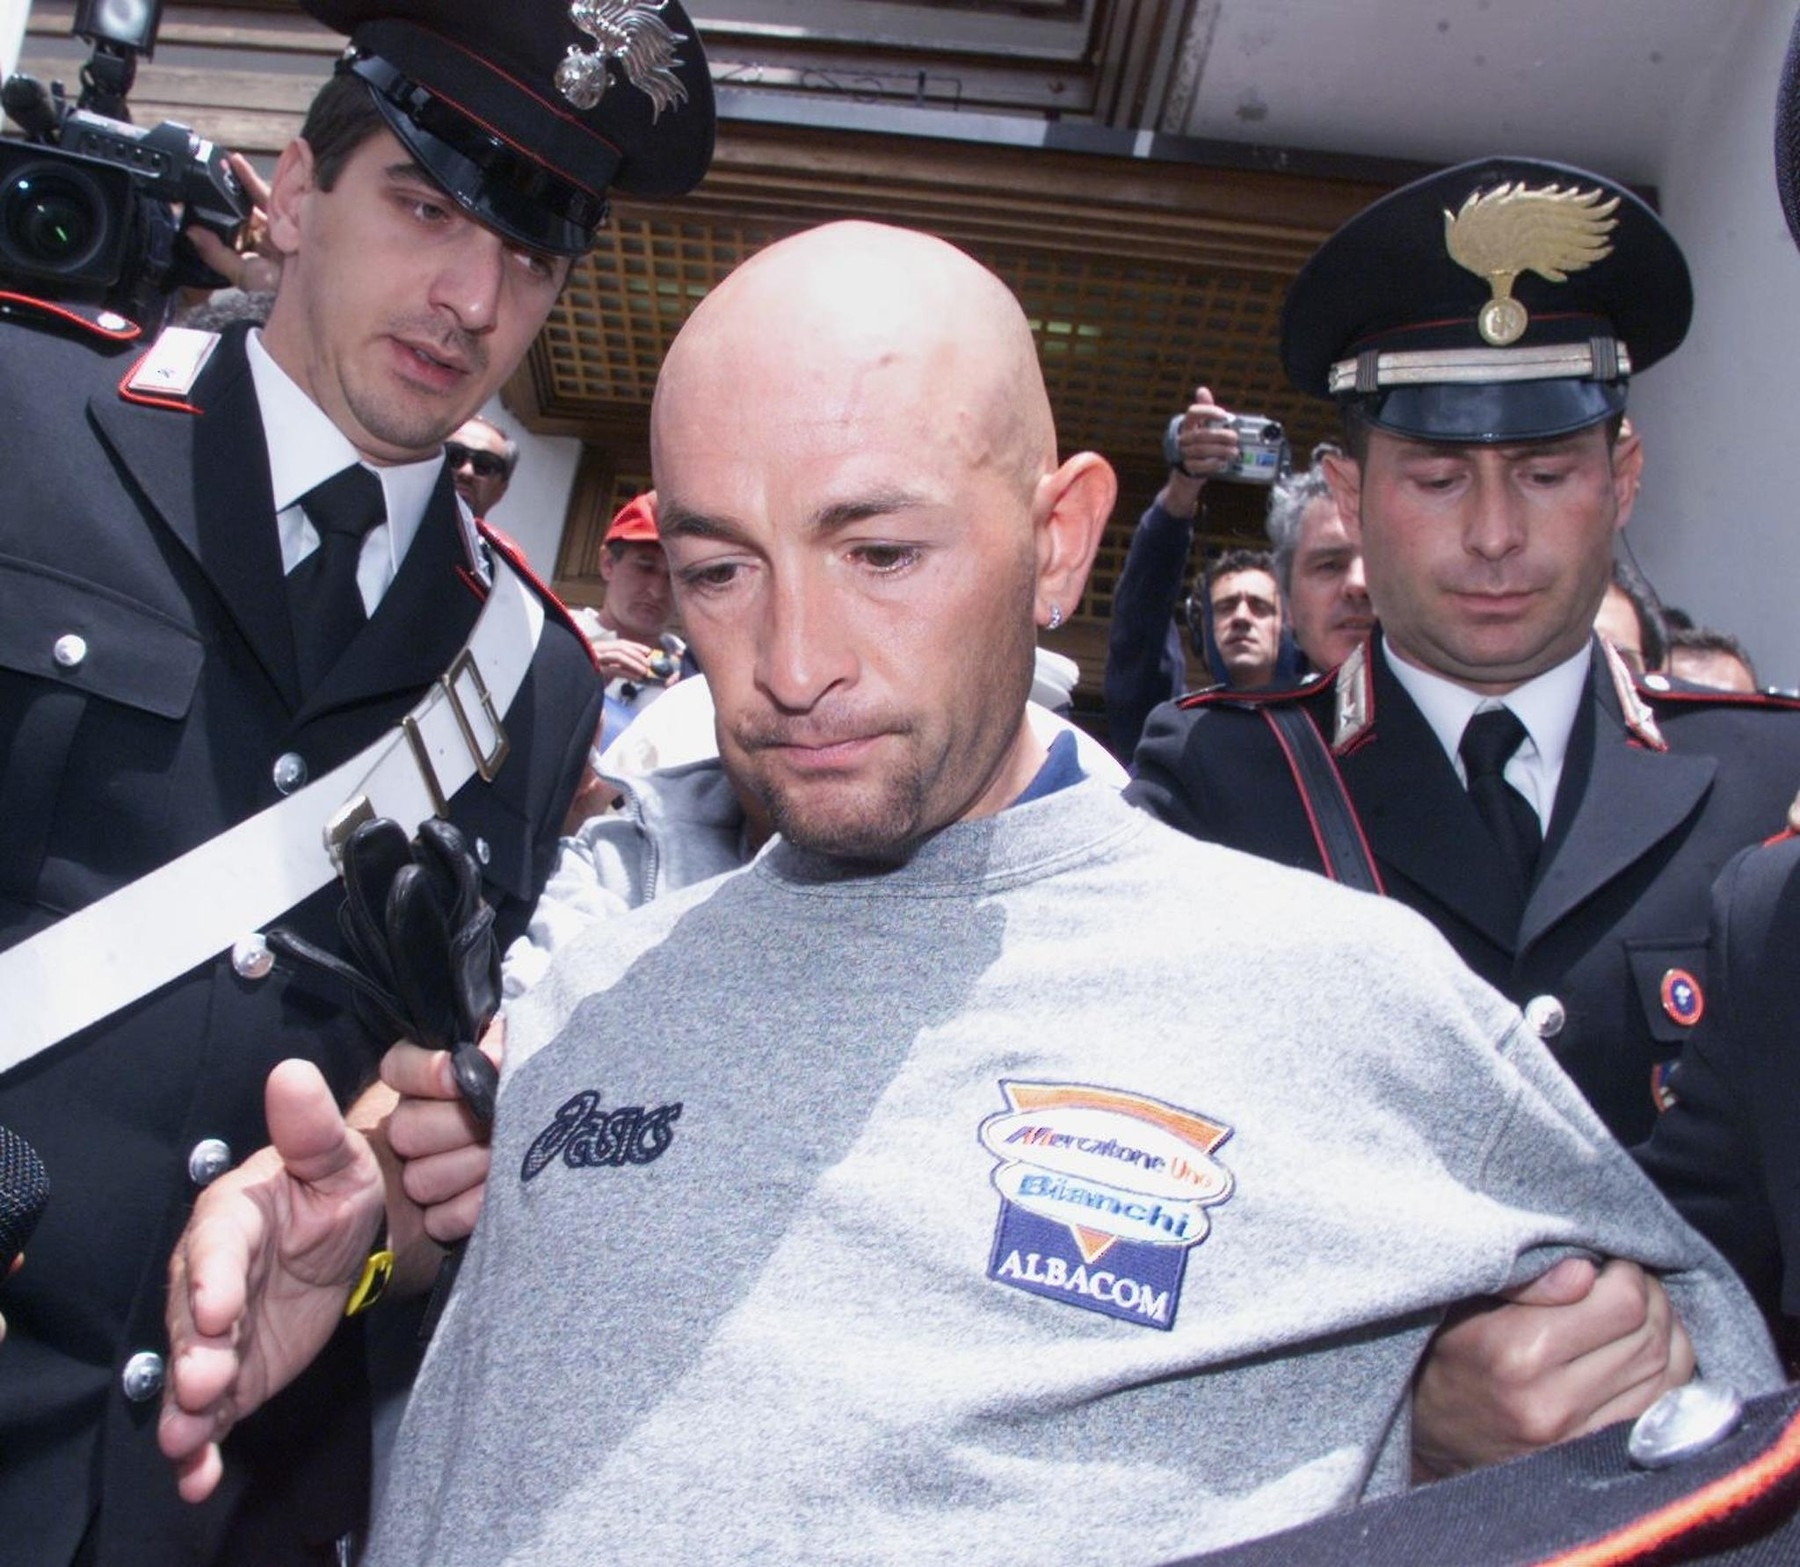 Marco Pantani v doprovodu policistů opouští Giro po zvýšené hladině hematokritu v krvi. Foto: profimedia